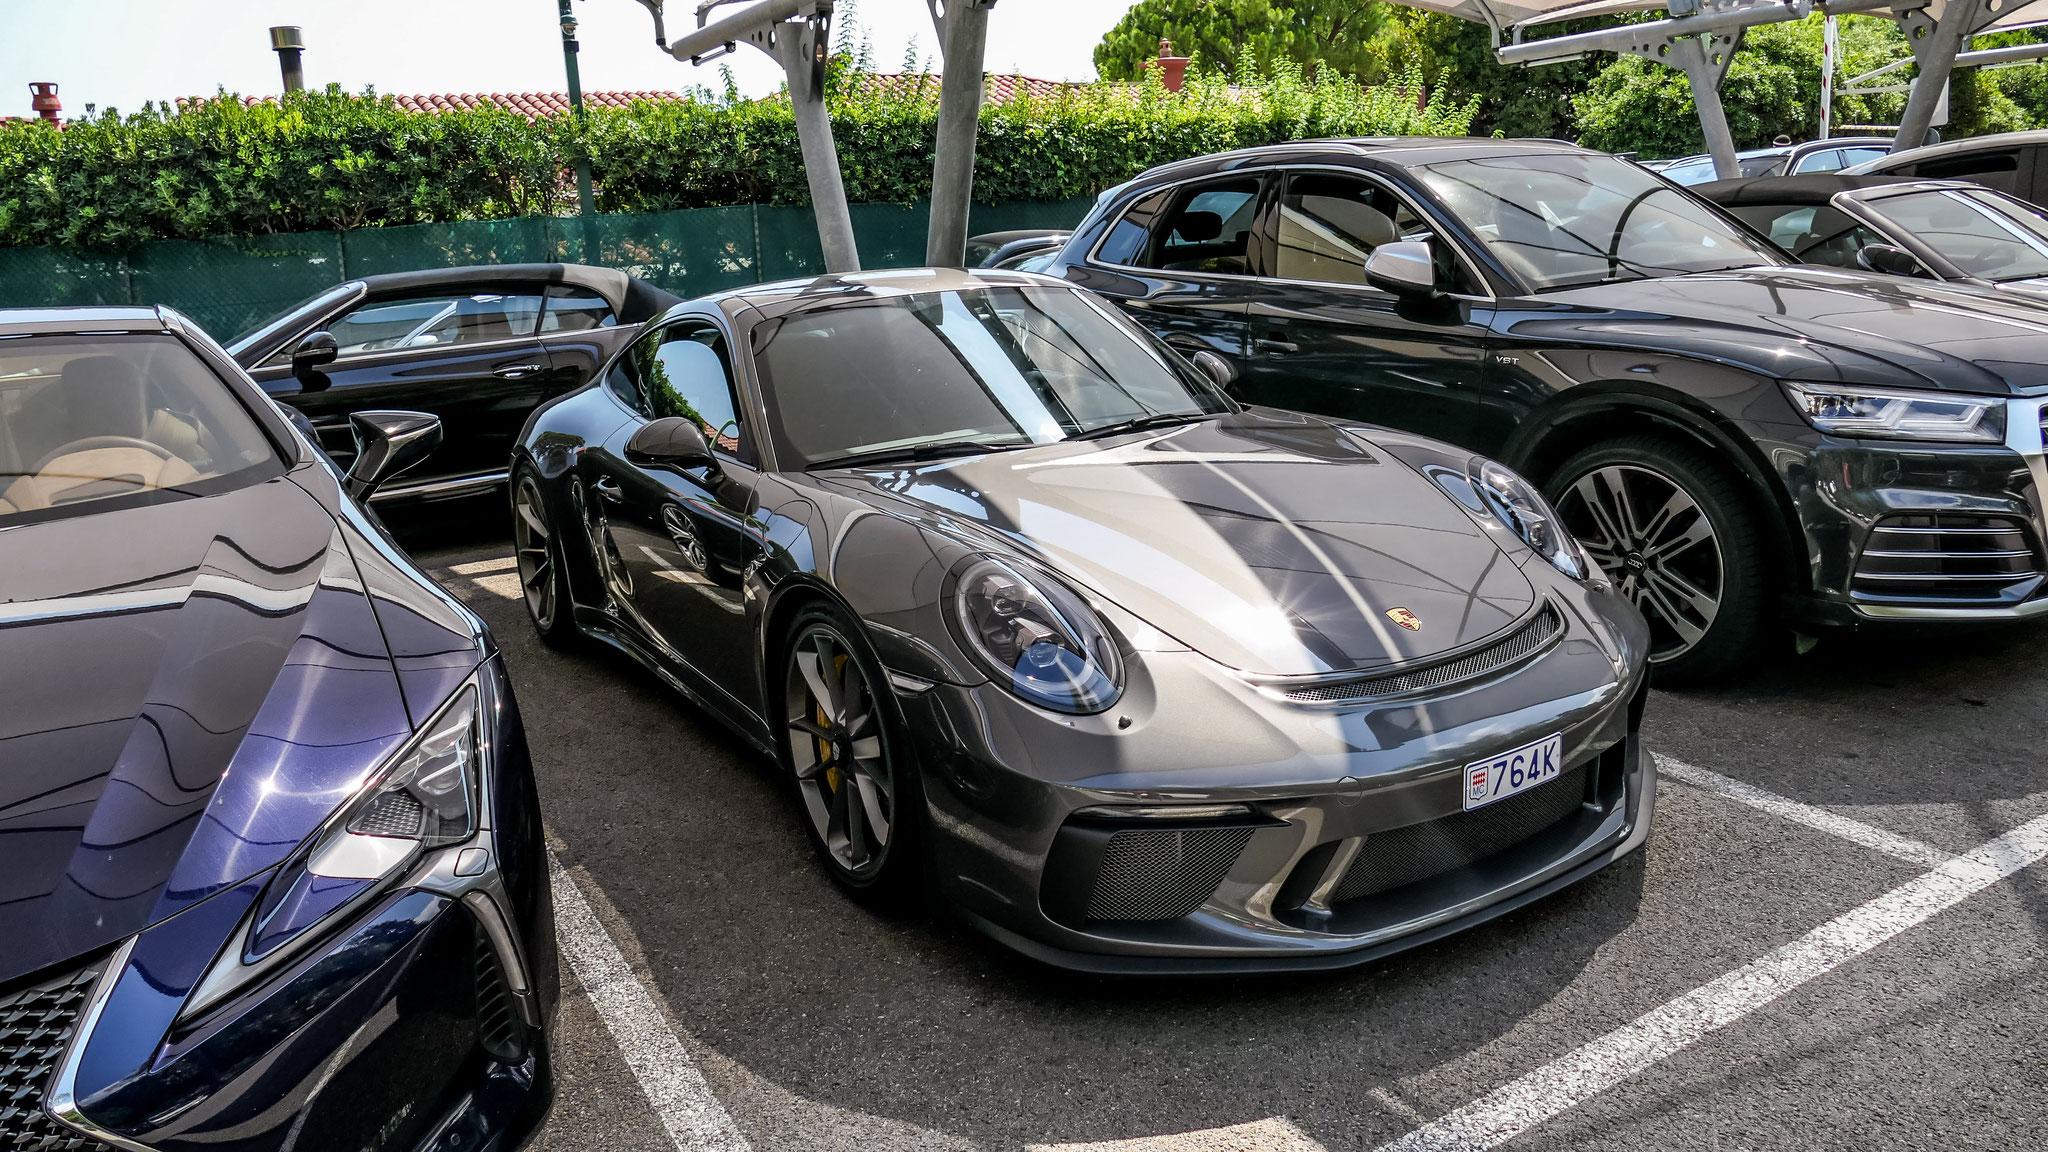 Porsche 991 GT3 Touring Package - 764K (MC)